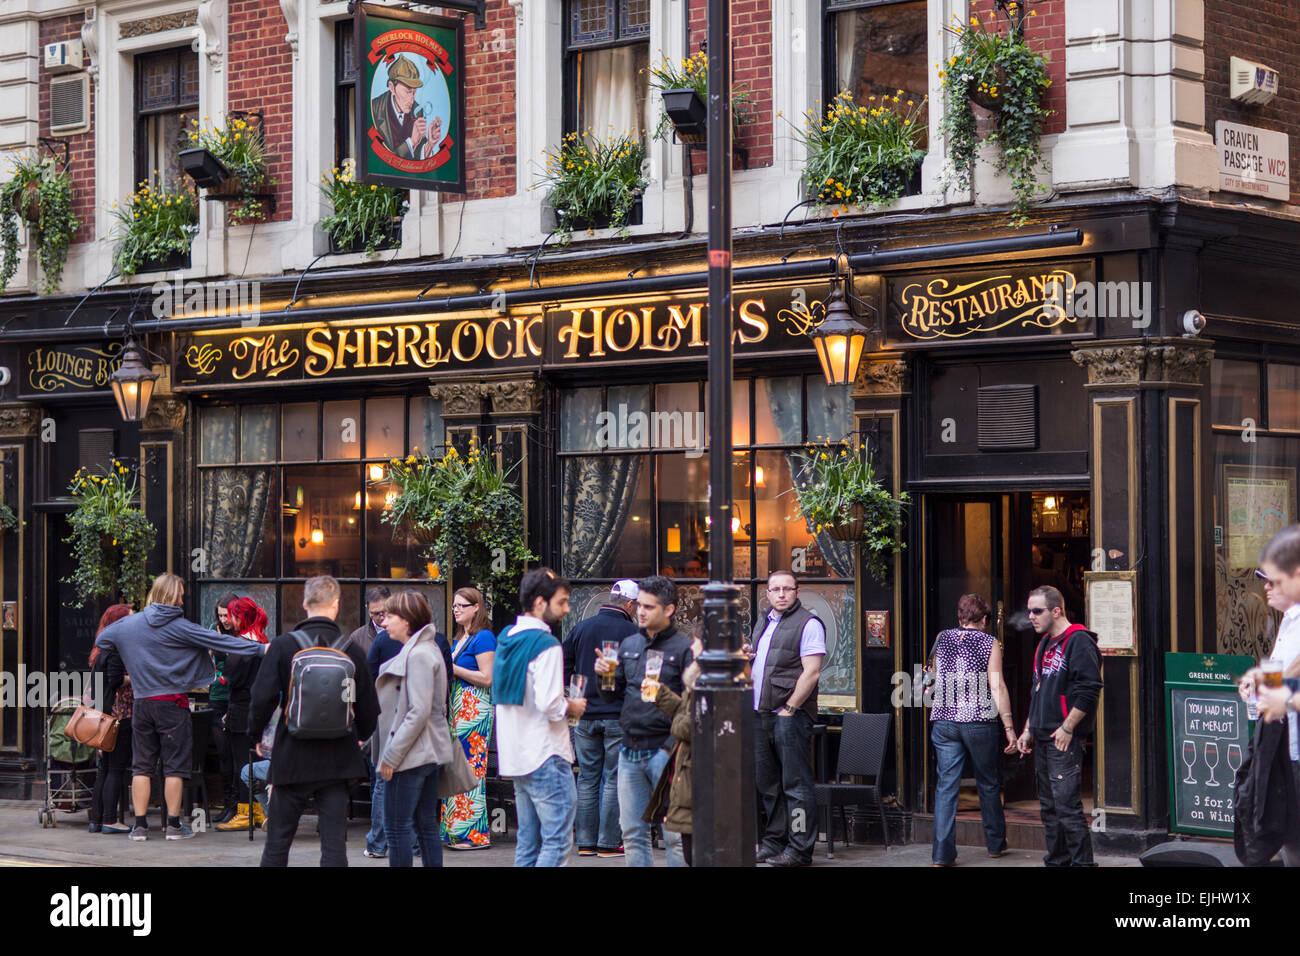 crowd drinking in street outside the sherlock holmes pub